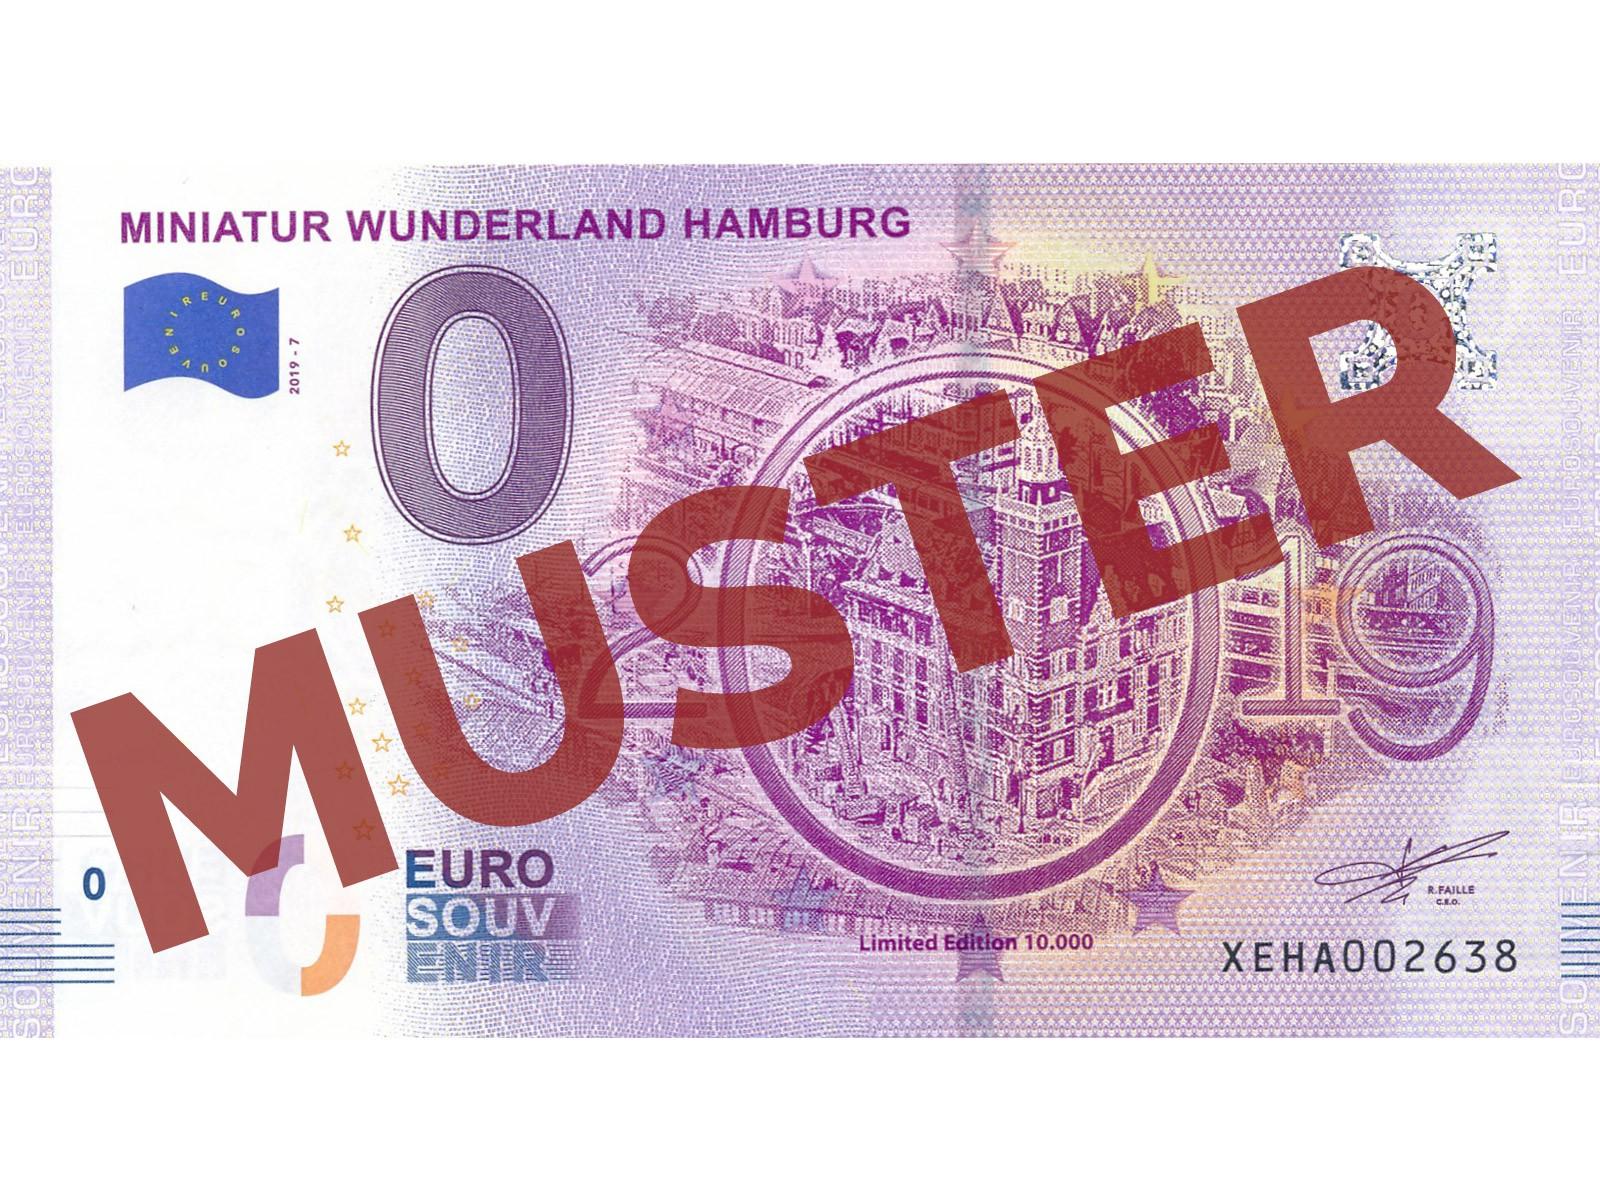 """Miniatur Wunderland Euro-Souvenirschein Motiv 2019 """"brennendes Finanzamt""""  (2019-7)"""